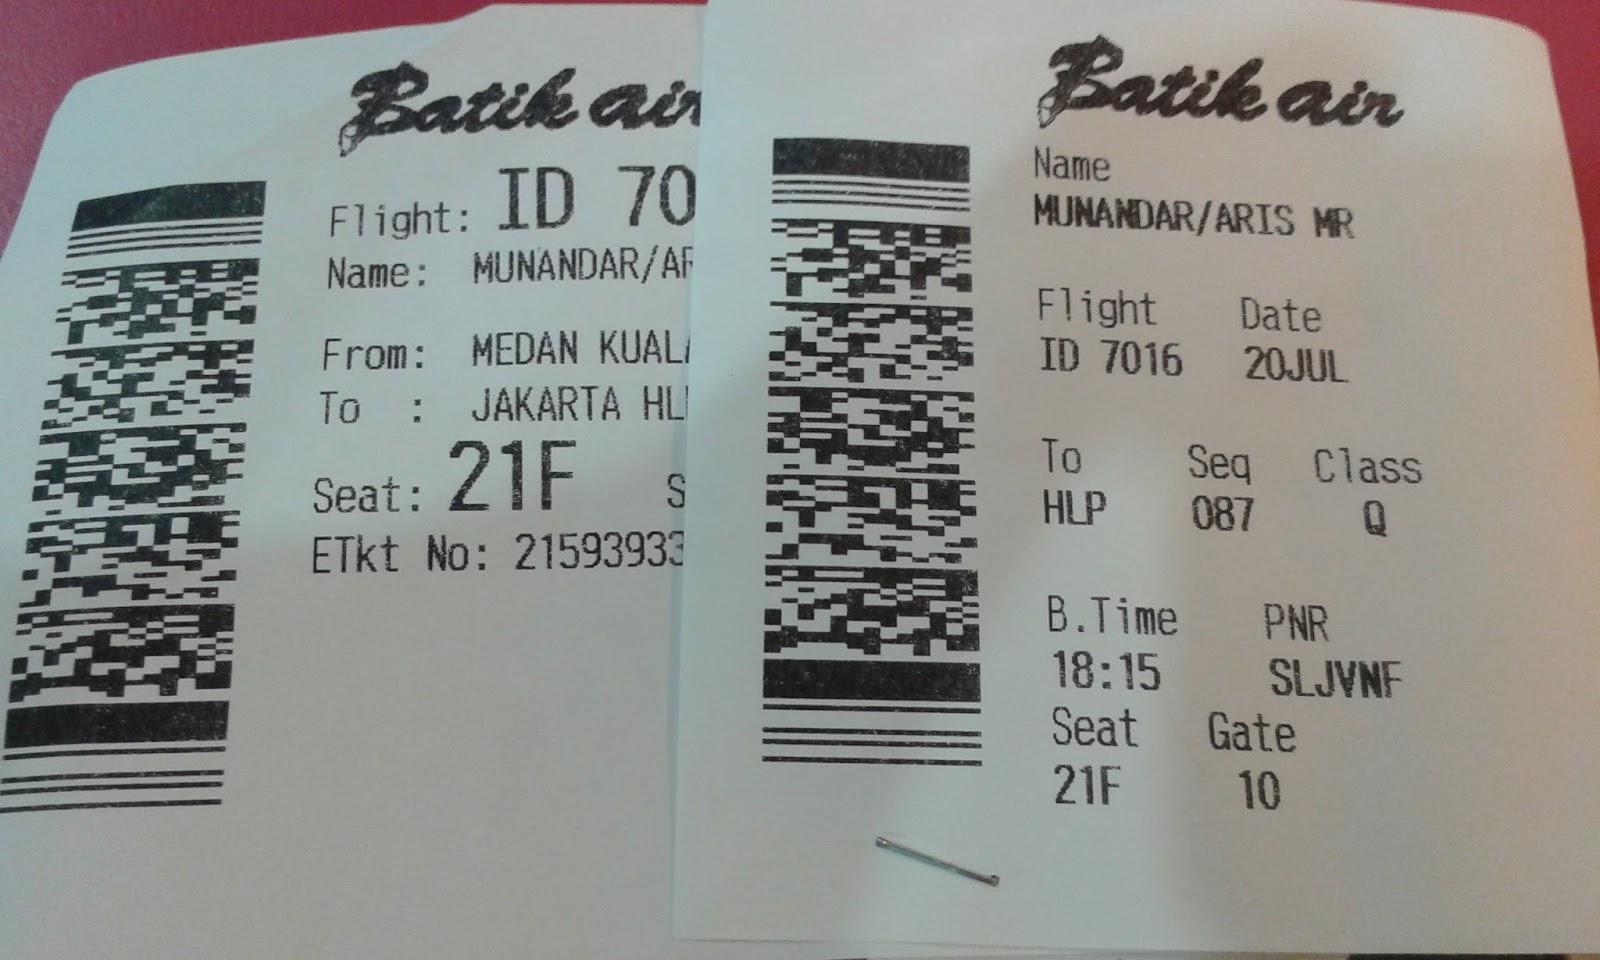 wangwis pengalam pertama naik pesawat batik air rh wangwis blogspot com tiket pelni medan ke jakarta tiket murah dari medan ke jakarta